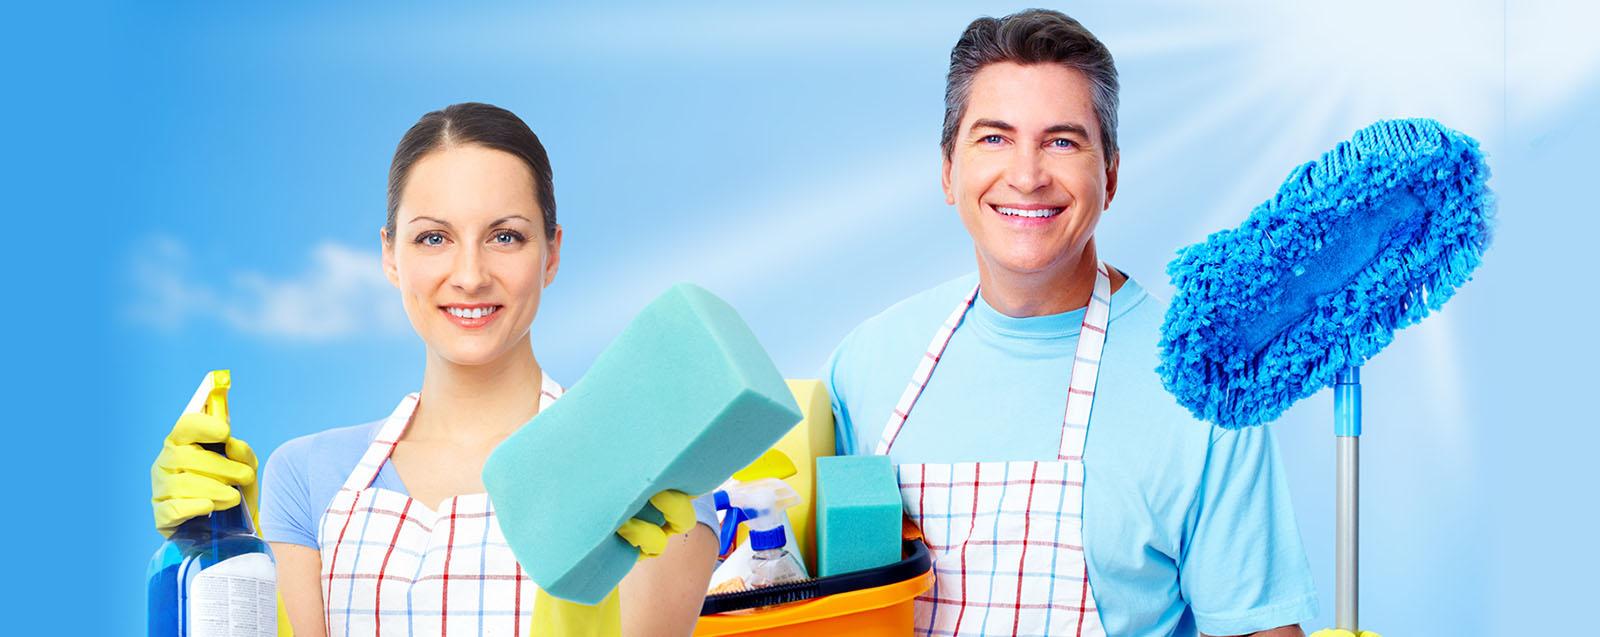 Cẩm nang vệ sinh công nghiệp